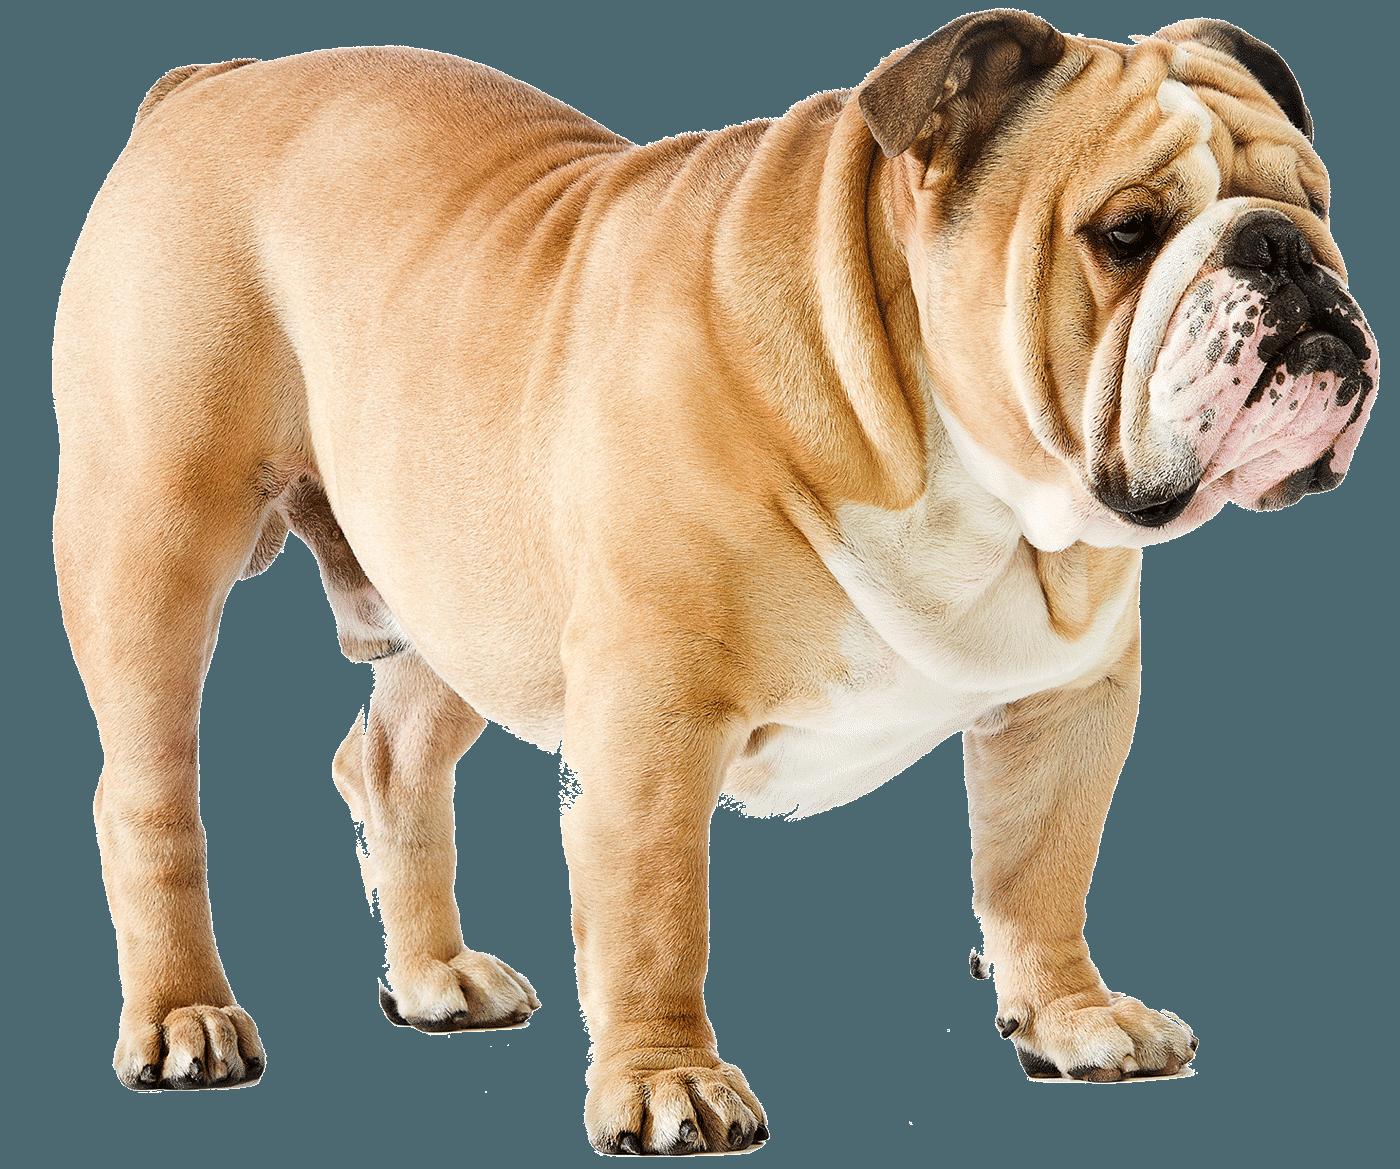 Labrador Retriever vs English Bulldog - Breed Comparison